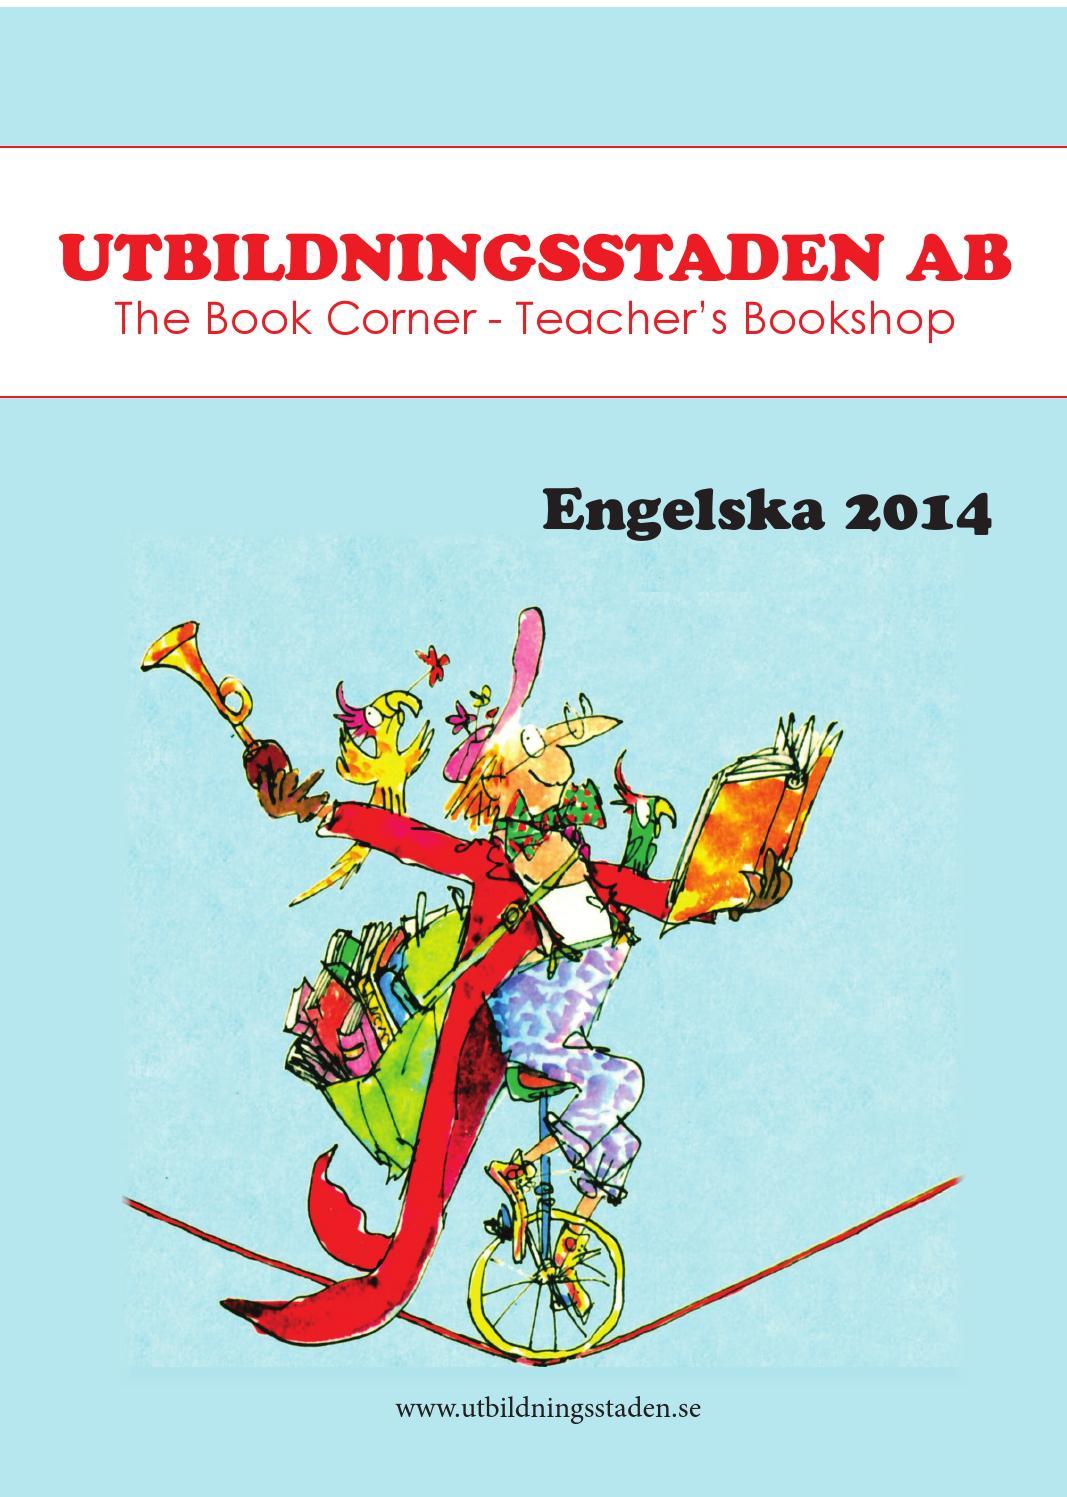 Engelska 2014 by UTBILDNINGSSTADEN AB - issuu